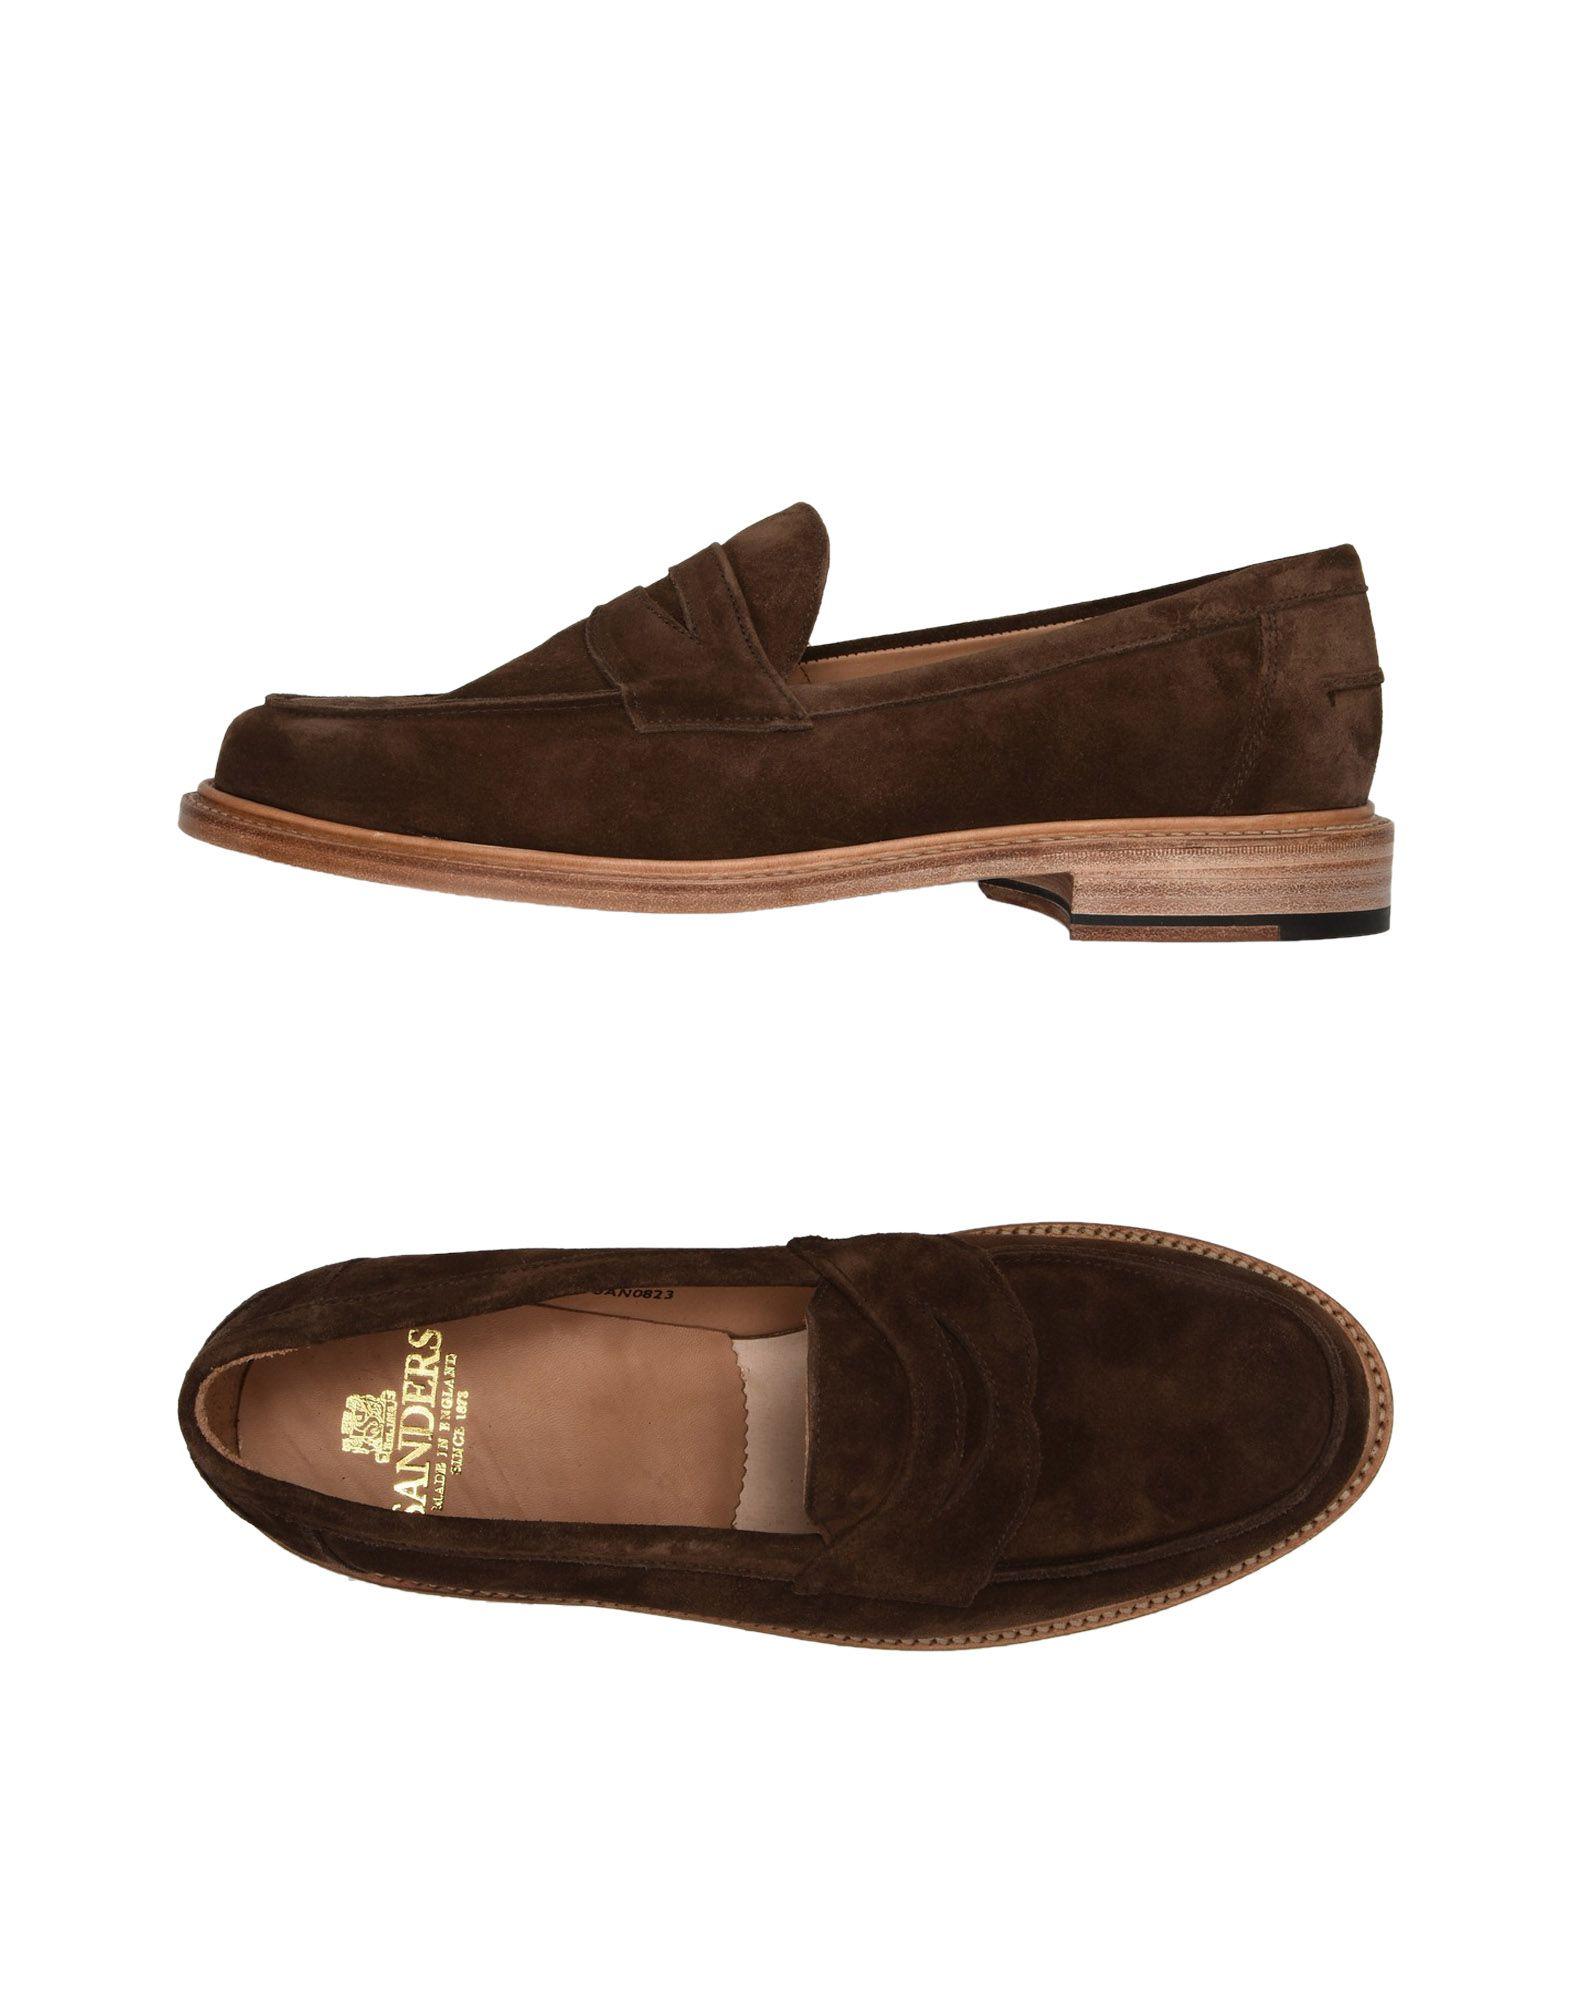 Mocassino Sanders Butt Seam Loafer, Leather Sole - Donna - Acquista online su